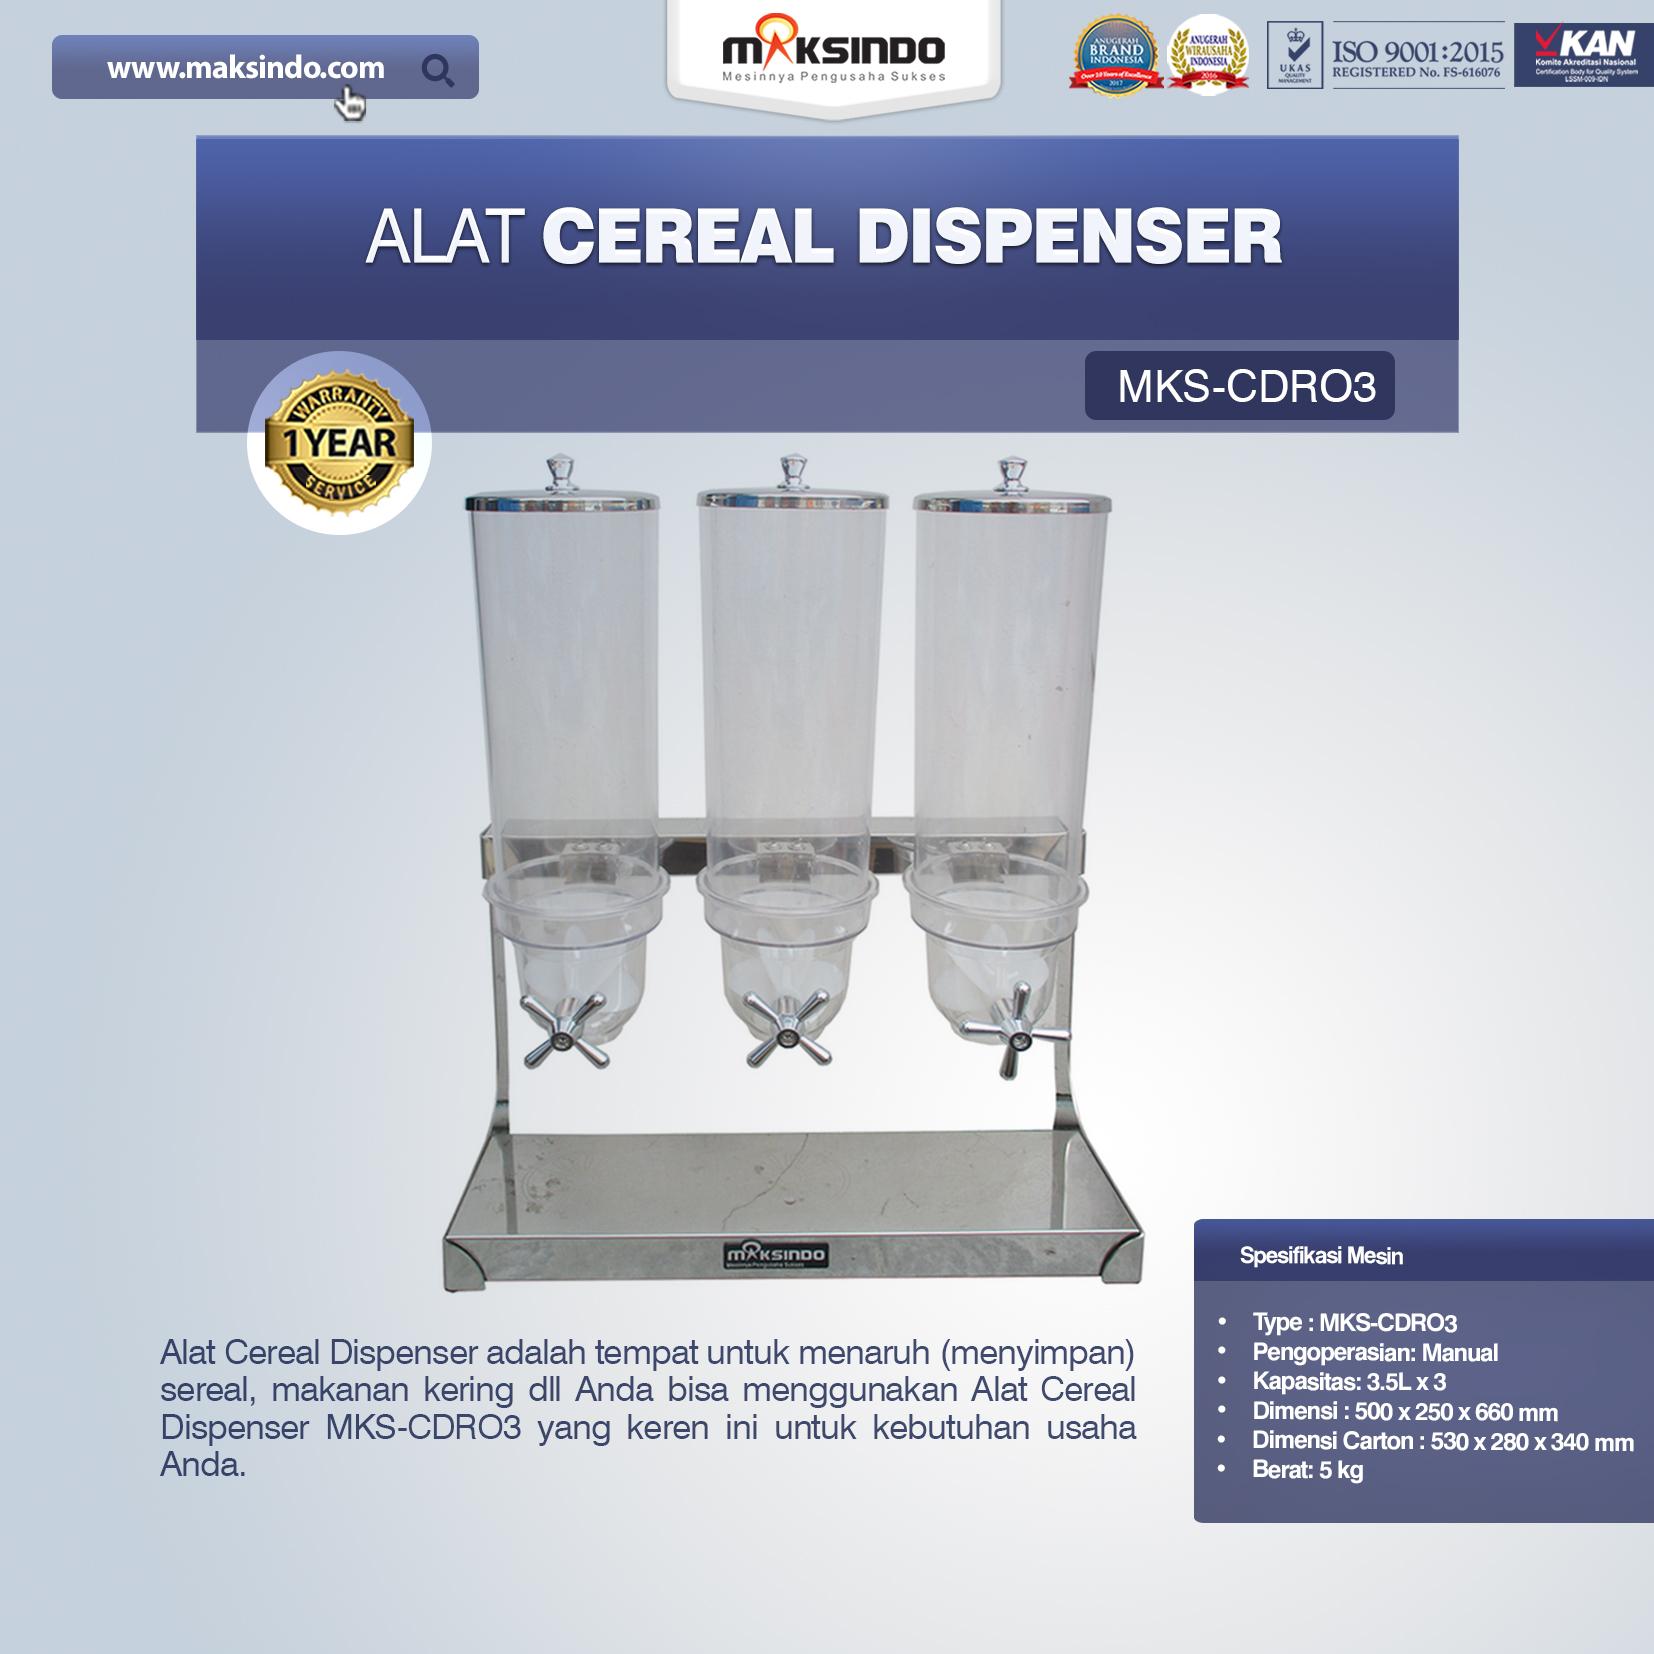 Jual Alat Cereal Dispenser MKS-CDR03 di Mataram